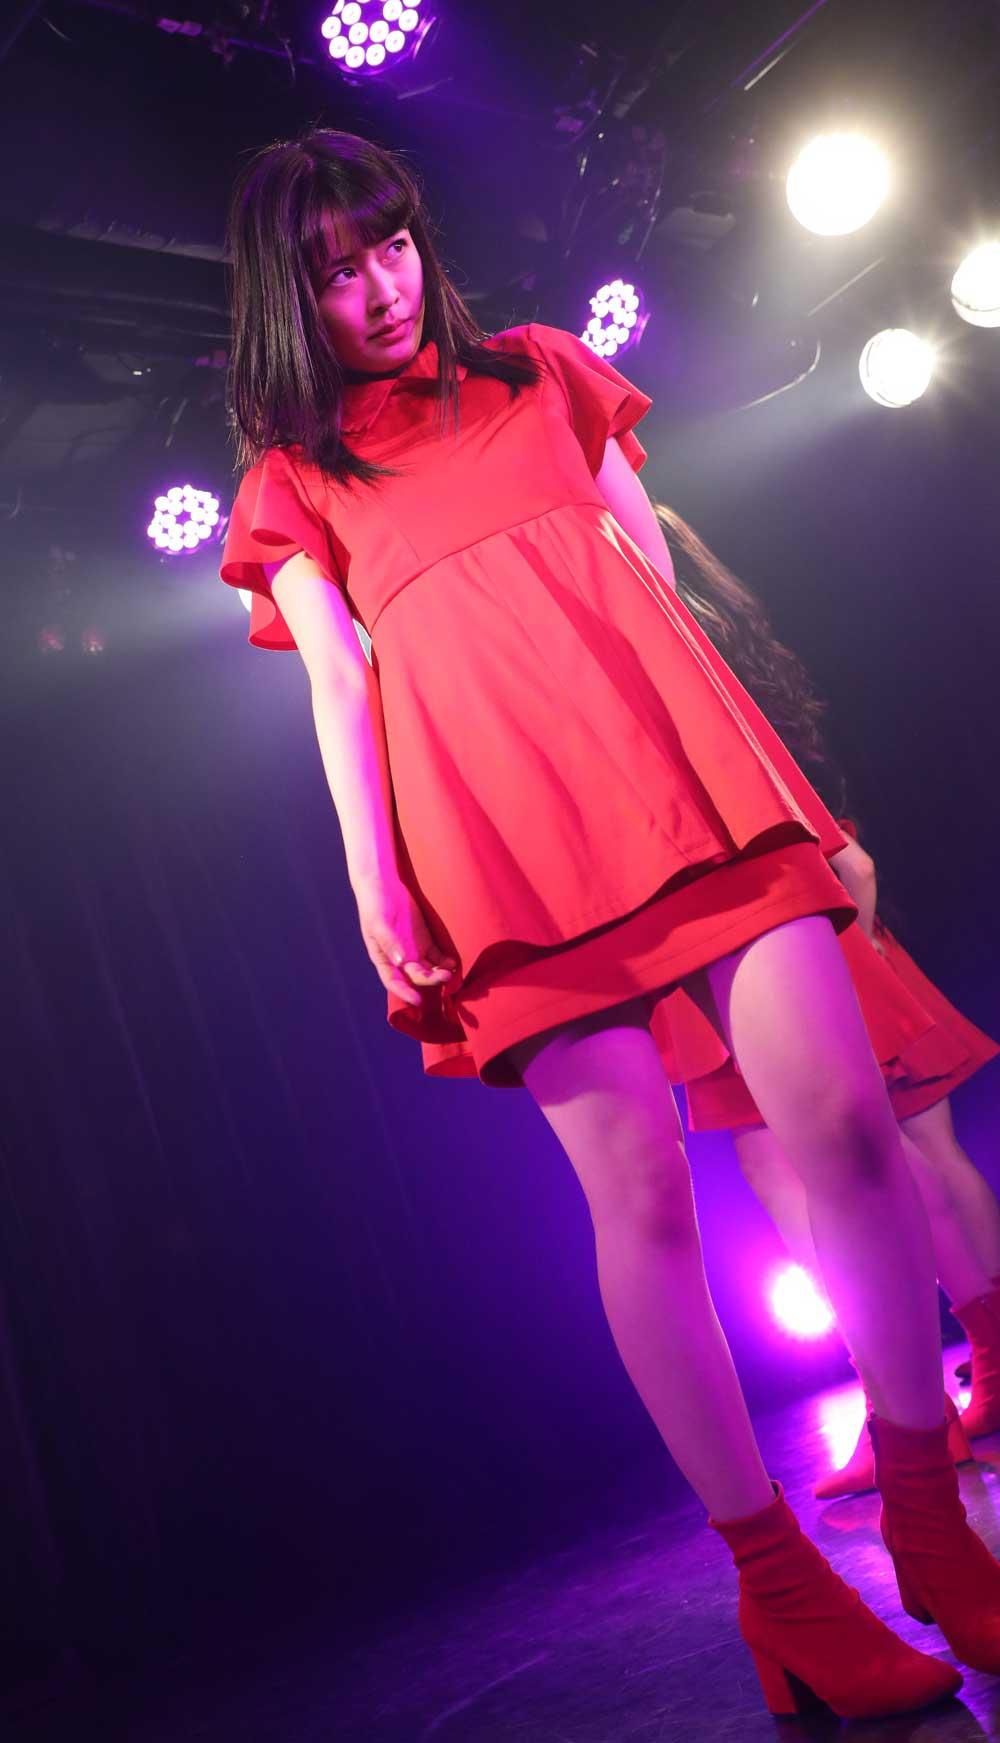 Images : 9番目の画像 - 「九州女子翼/東京定期で新曲披露。前回を大幅にアップデートする、圧倒的な進化を果たしたパフォーマンスで会場のオーディエンスを熱狂させた」のアルバム - Stereo Sound ONLINE